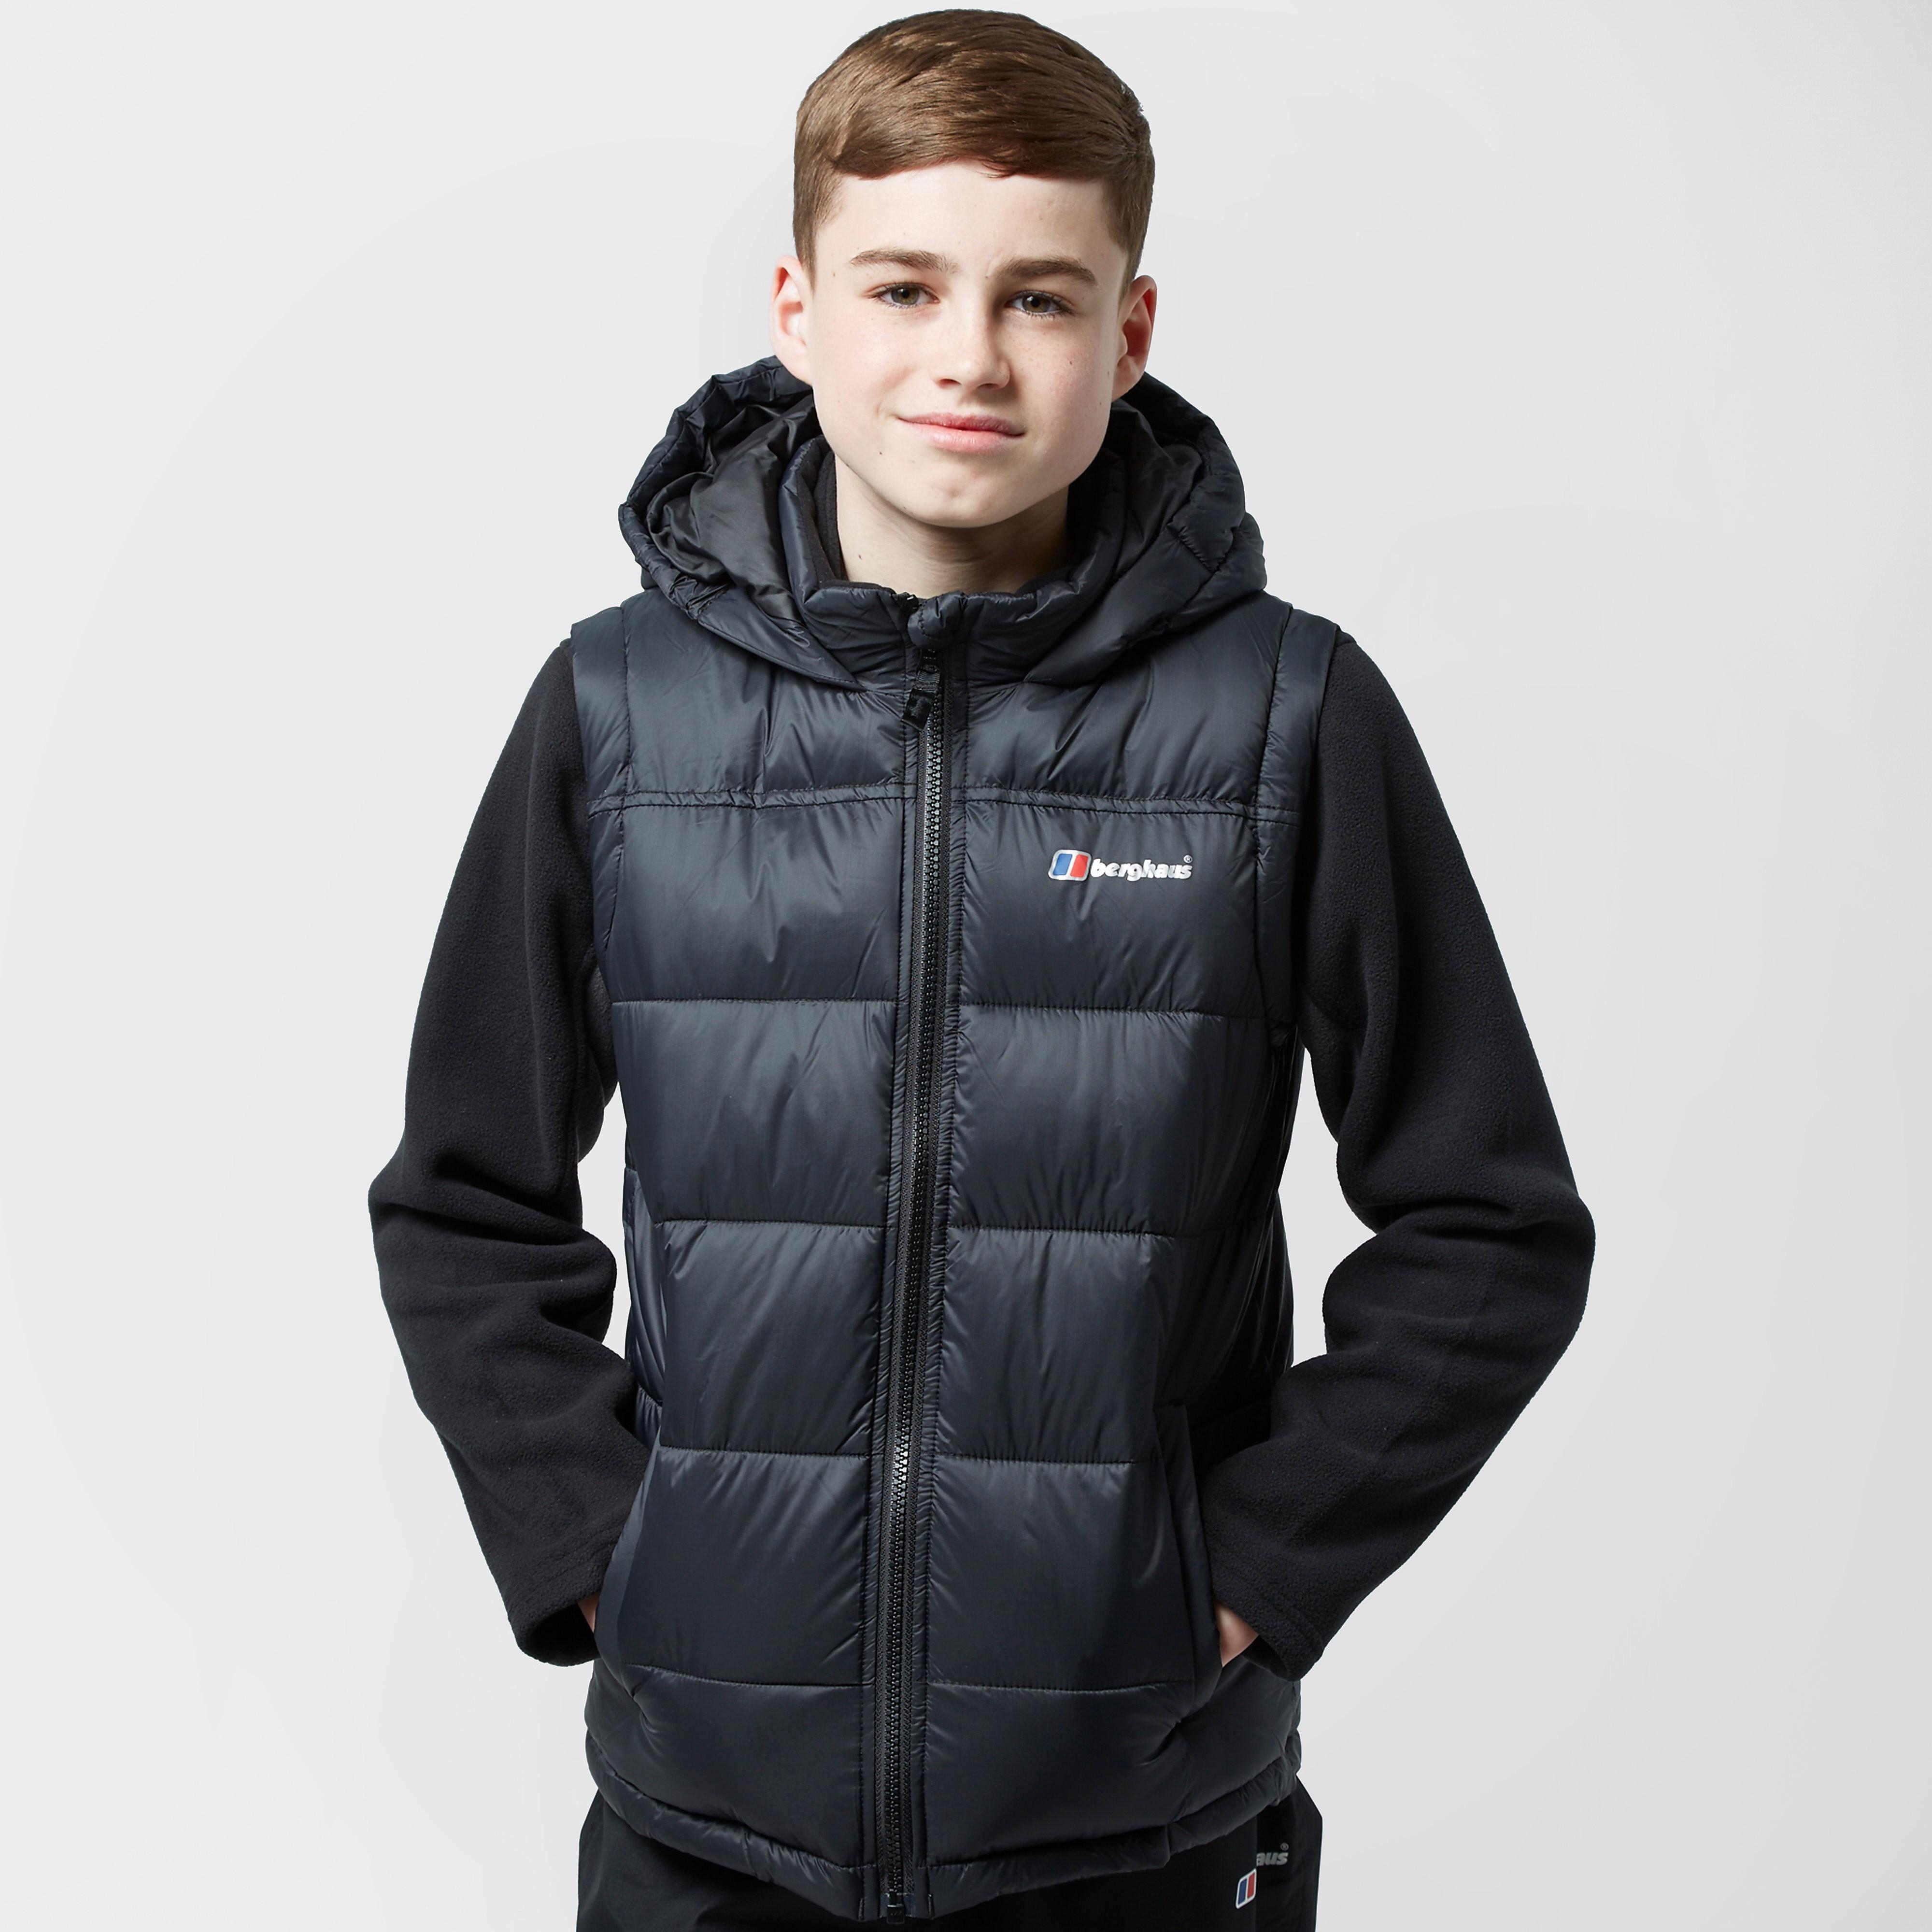 Berghaus Burham Insulated Junior Sleeveless Jacket